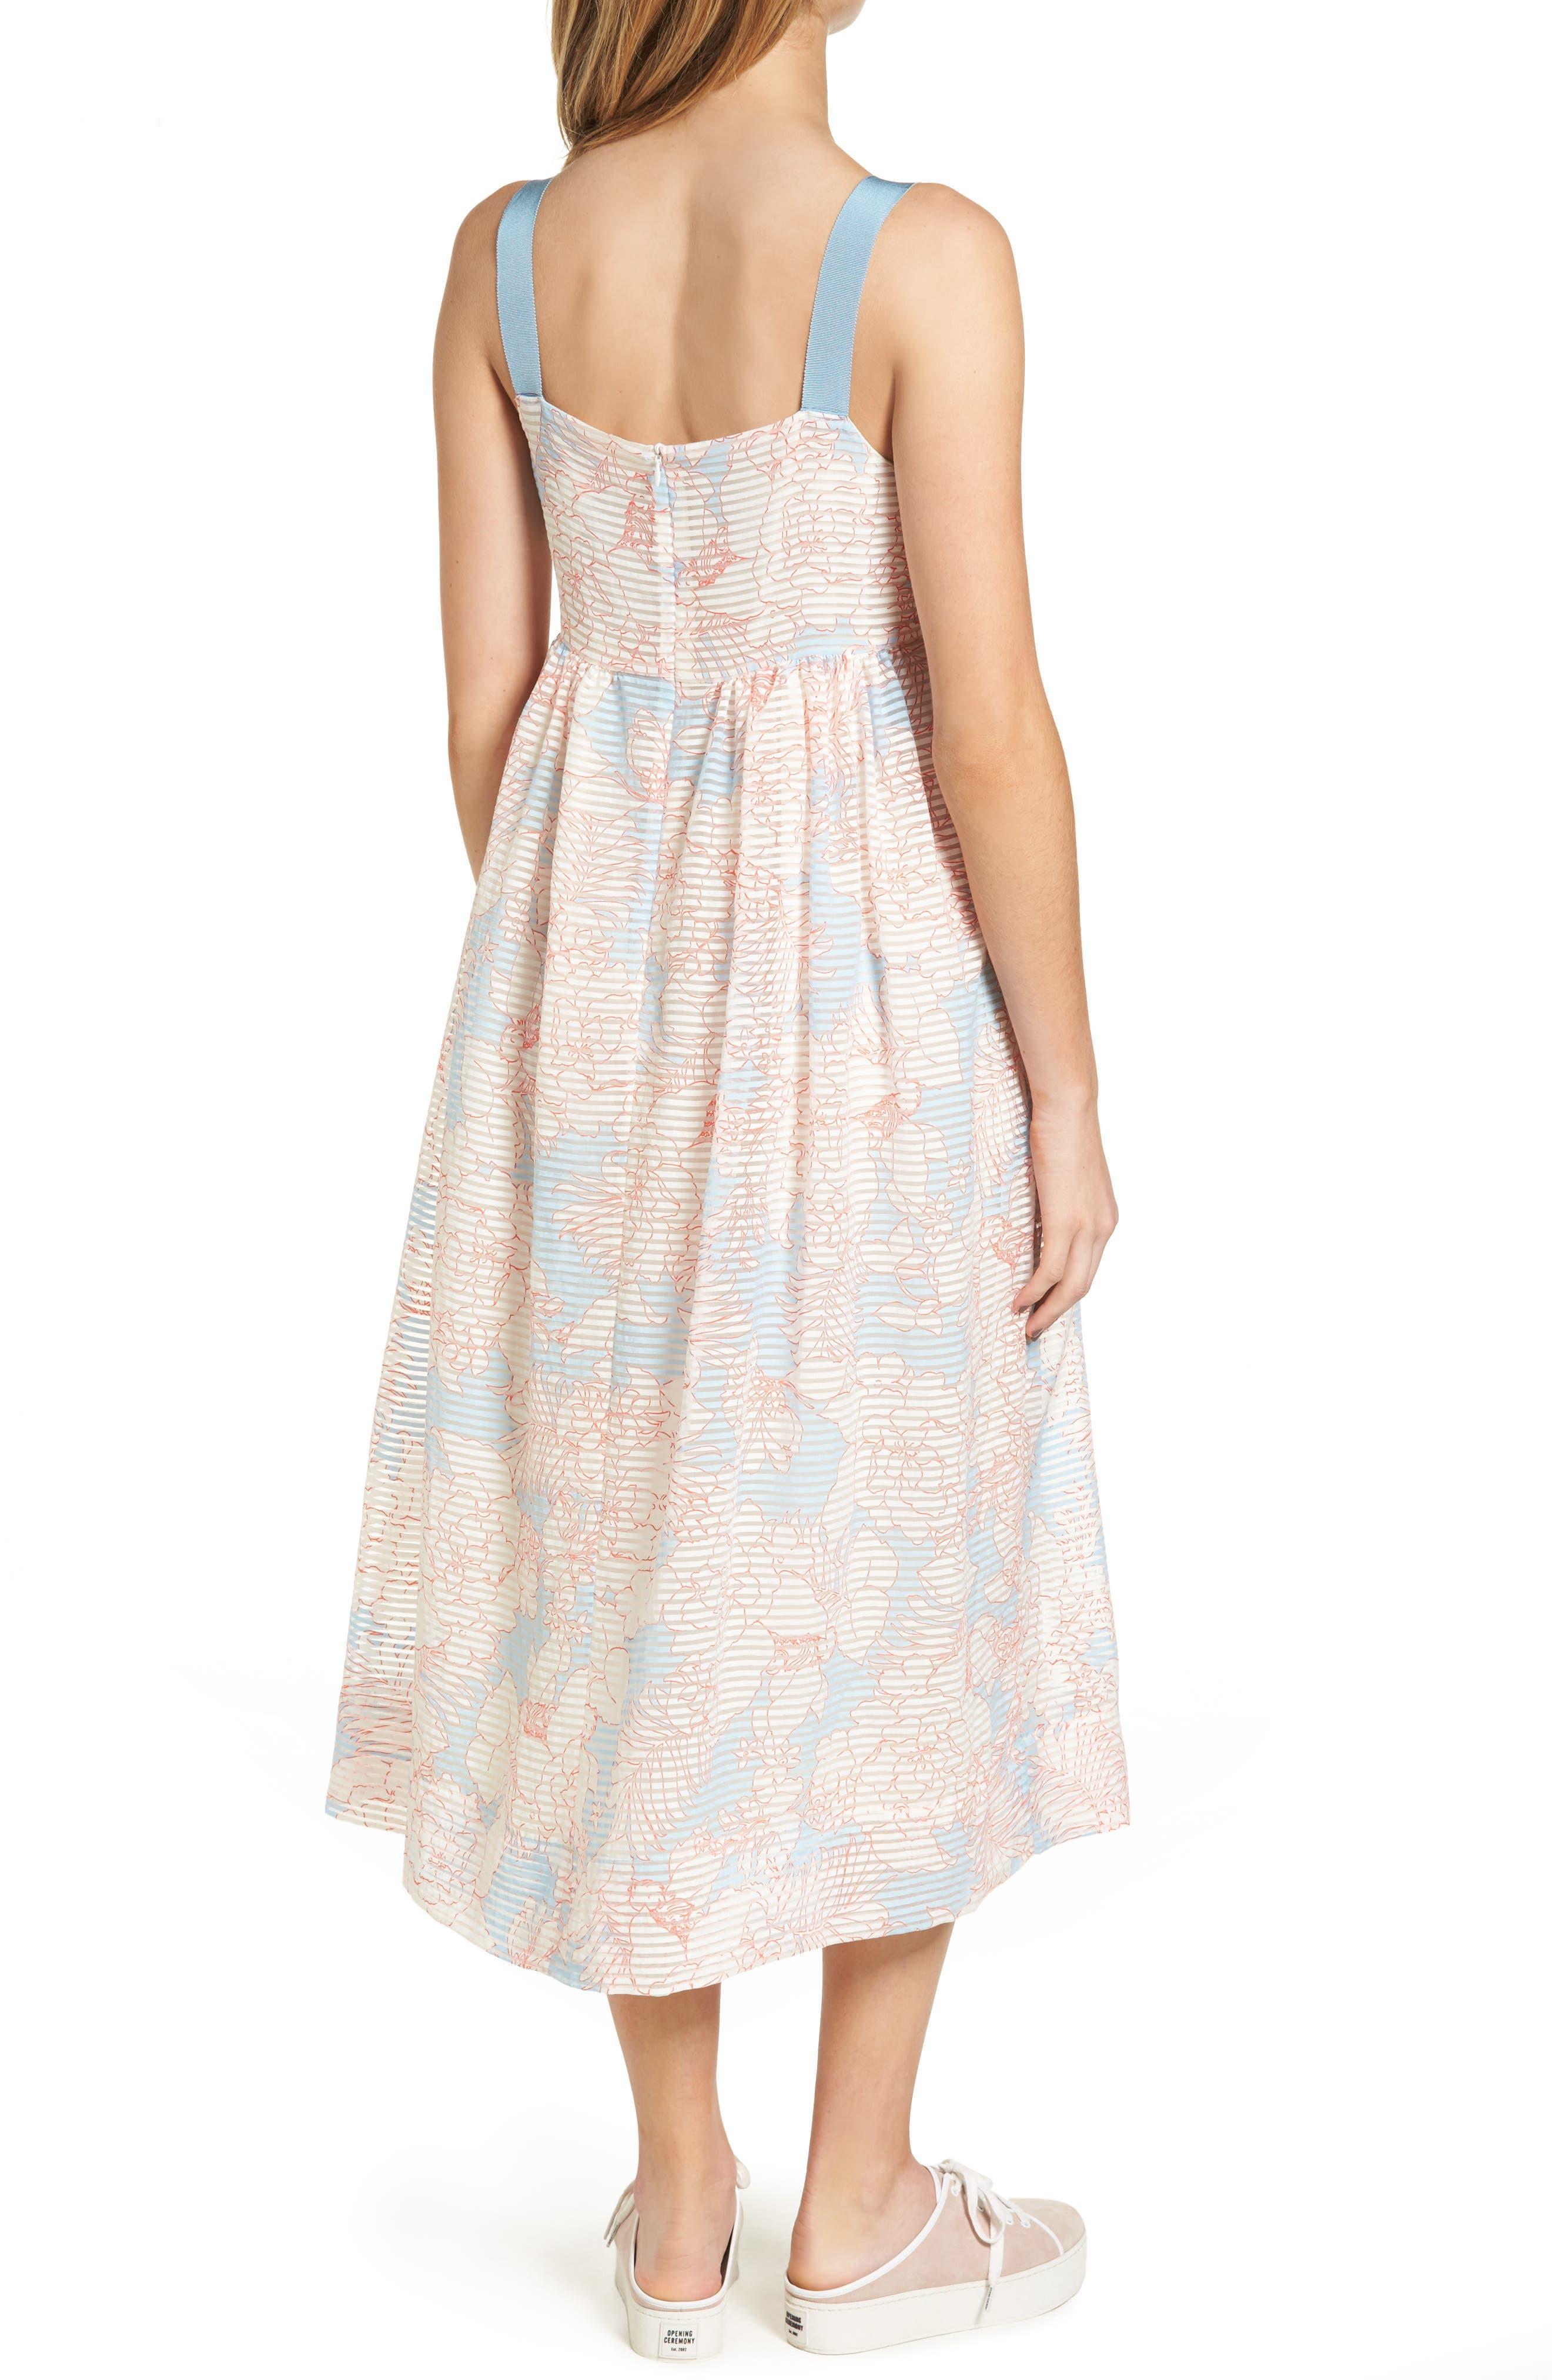 Bahamas Print Midi Dress,                             Alternate thumbnail 2, color,                             400